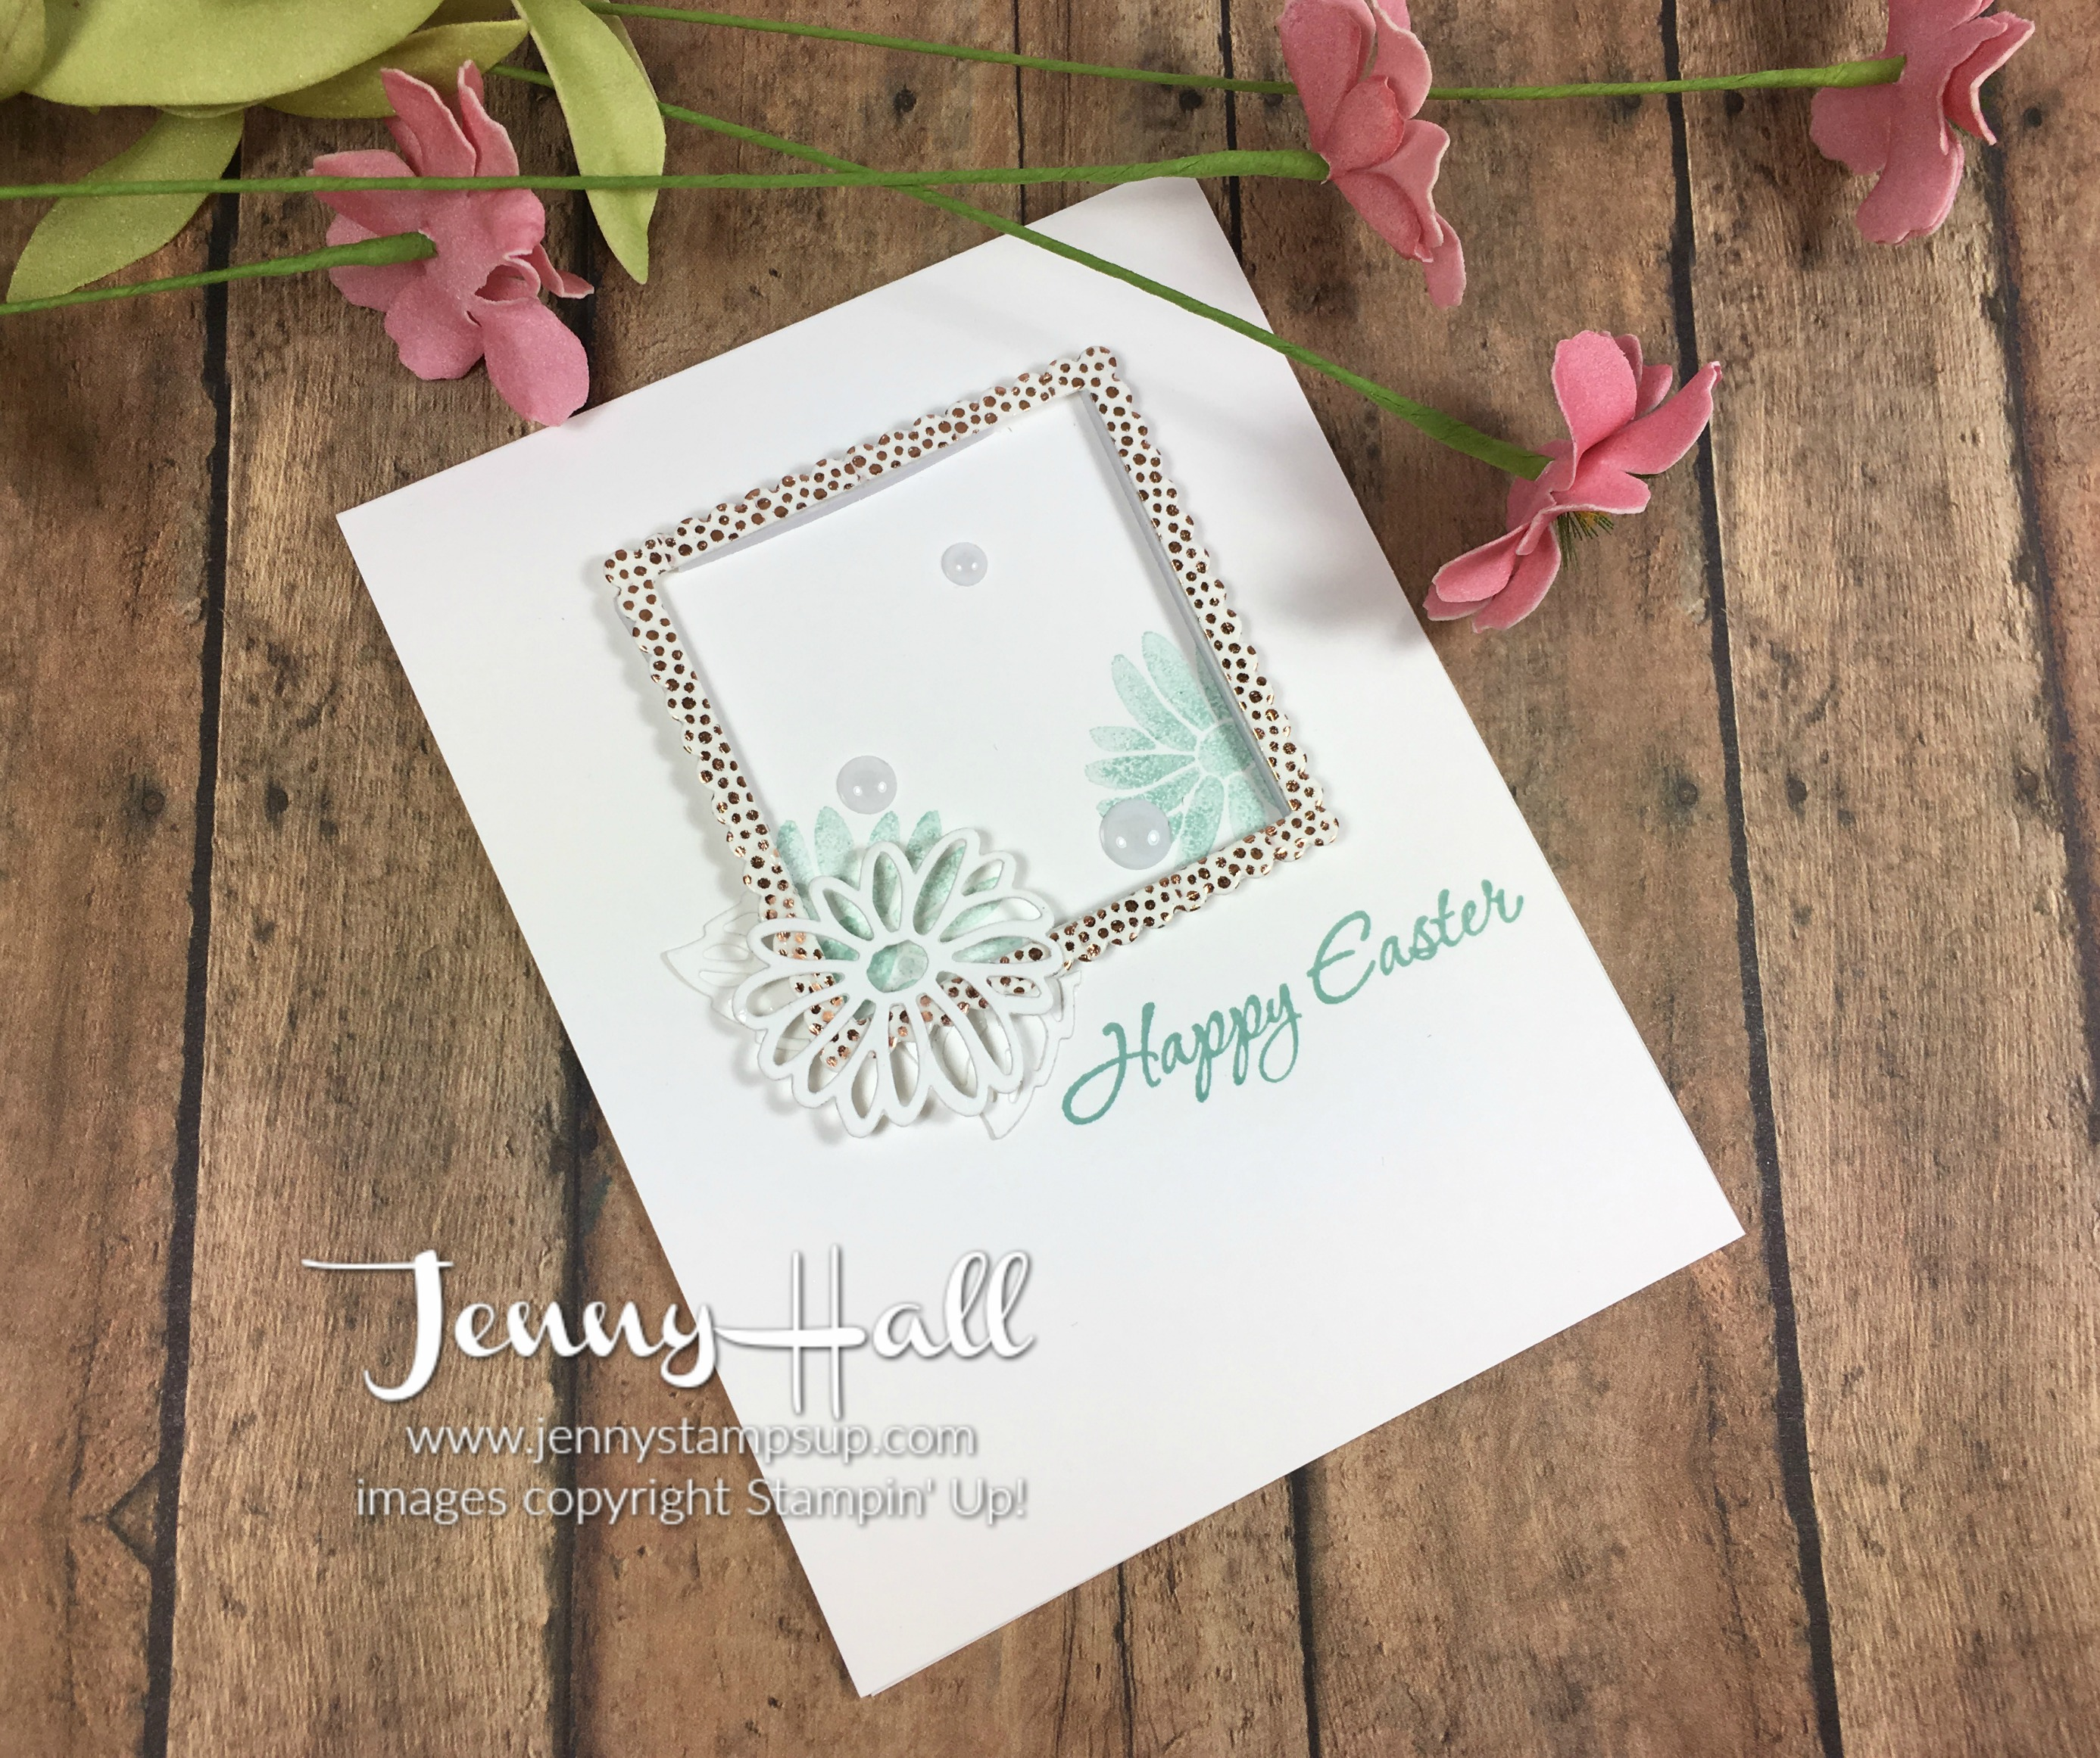 Washi tape special die cut by Jenny Hall www.jennyhalldesign.com